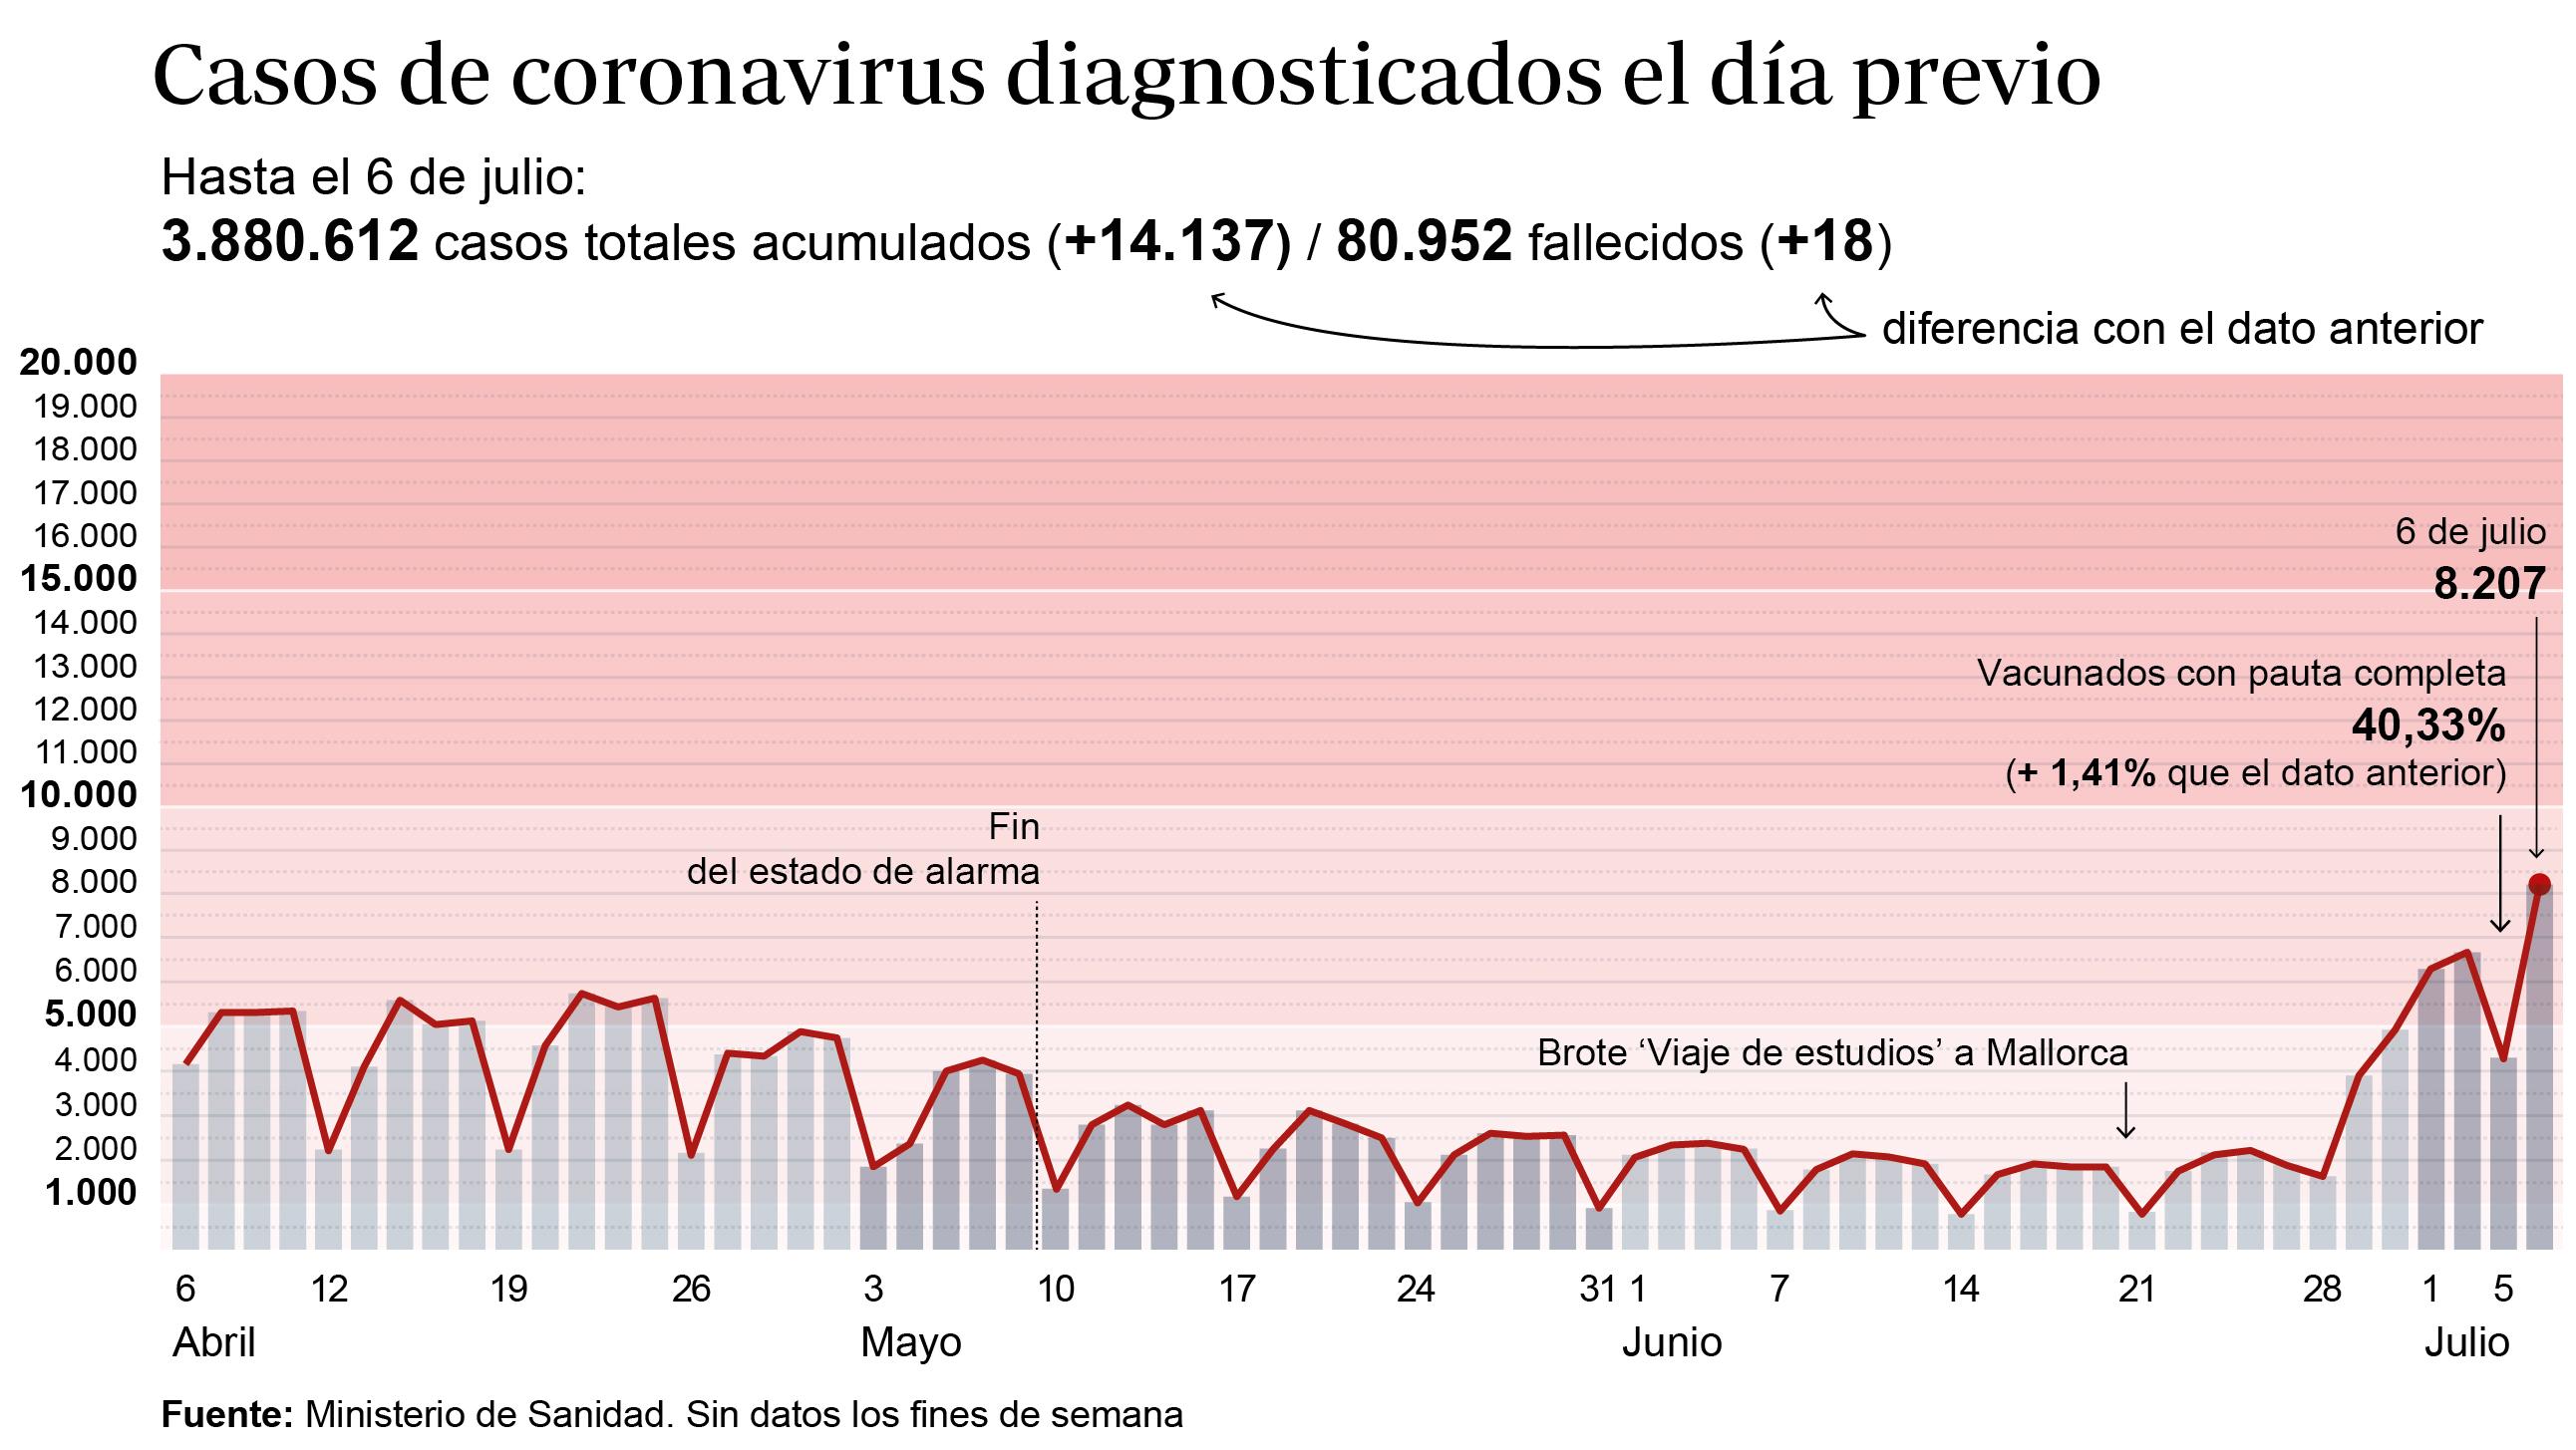 Gráfico que muestra la evolución de los contagios por coronavirus en España en los últimos meses